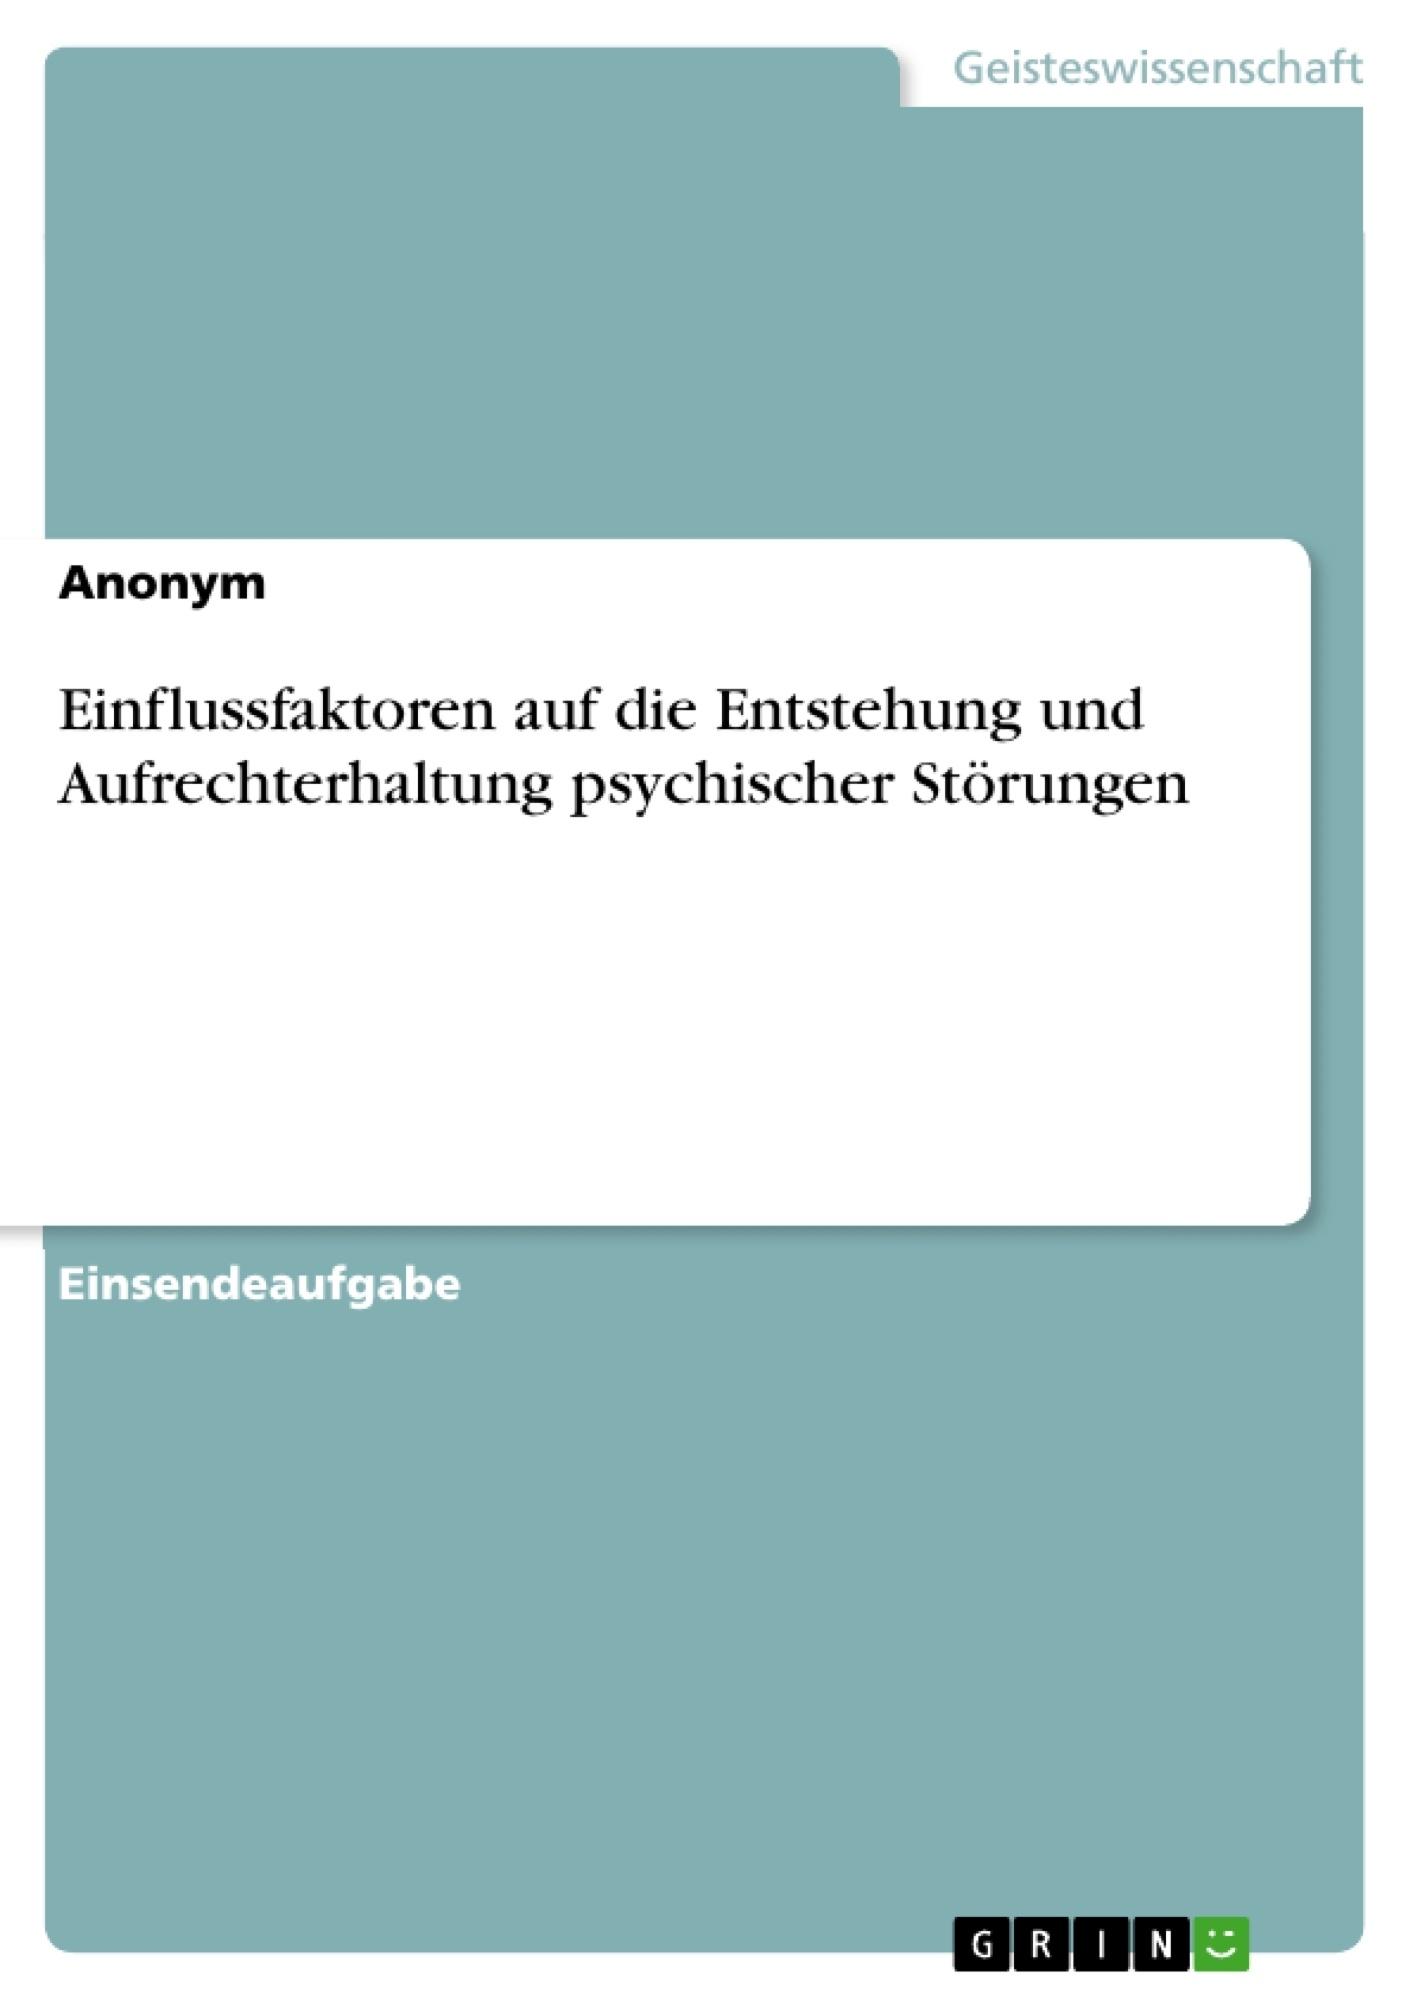 Titel: Einflussfaktoren auf die Entstehung und Aufrechterhaltung psychischer Störungen